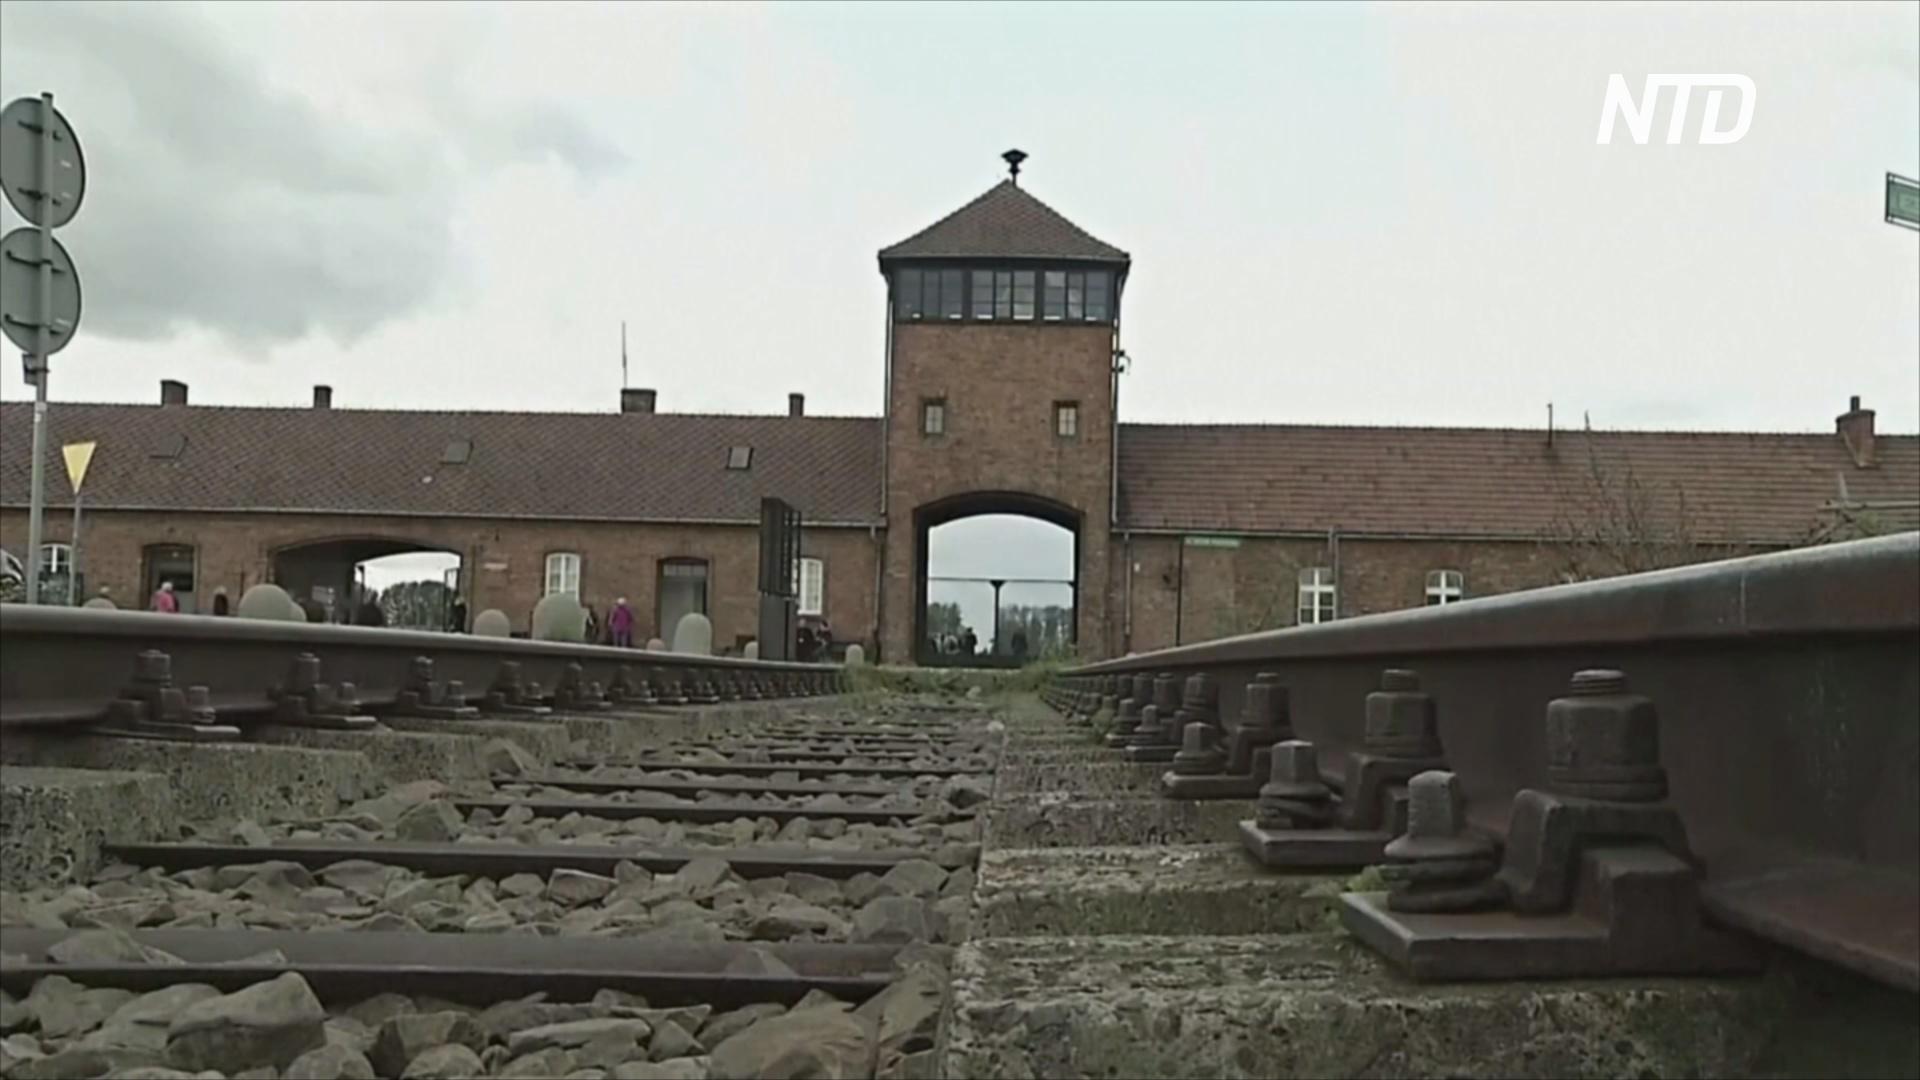 Бывший лагерь Освенцим отреставрируют к 75-летию освобождения